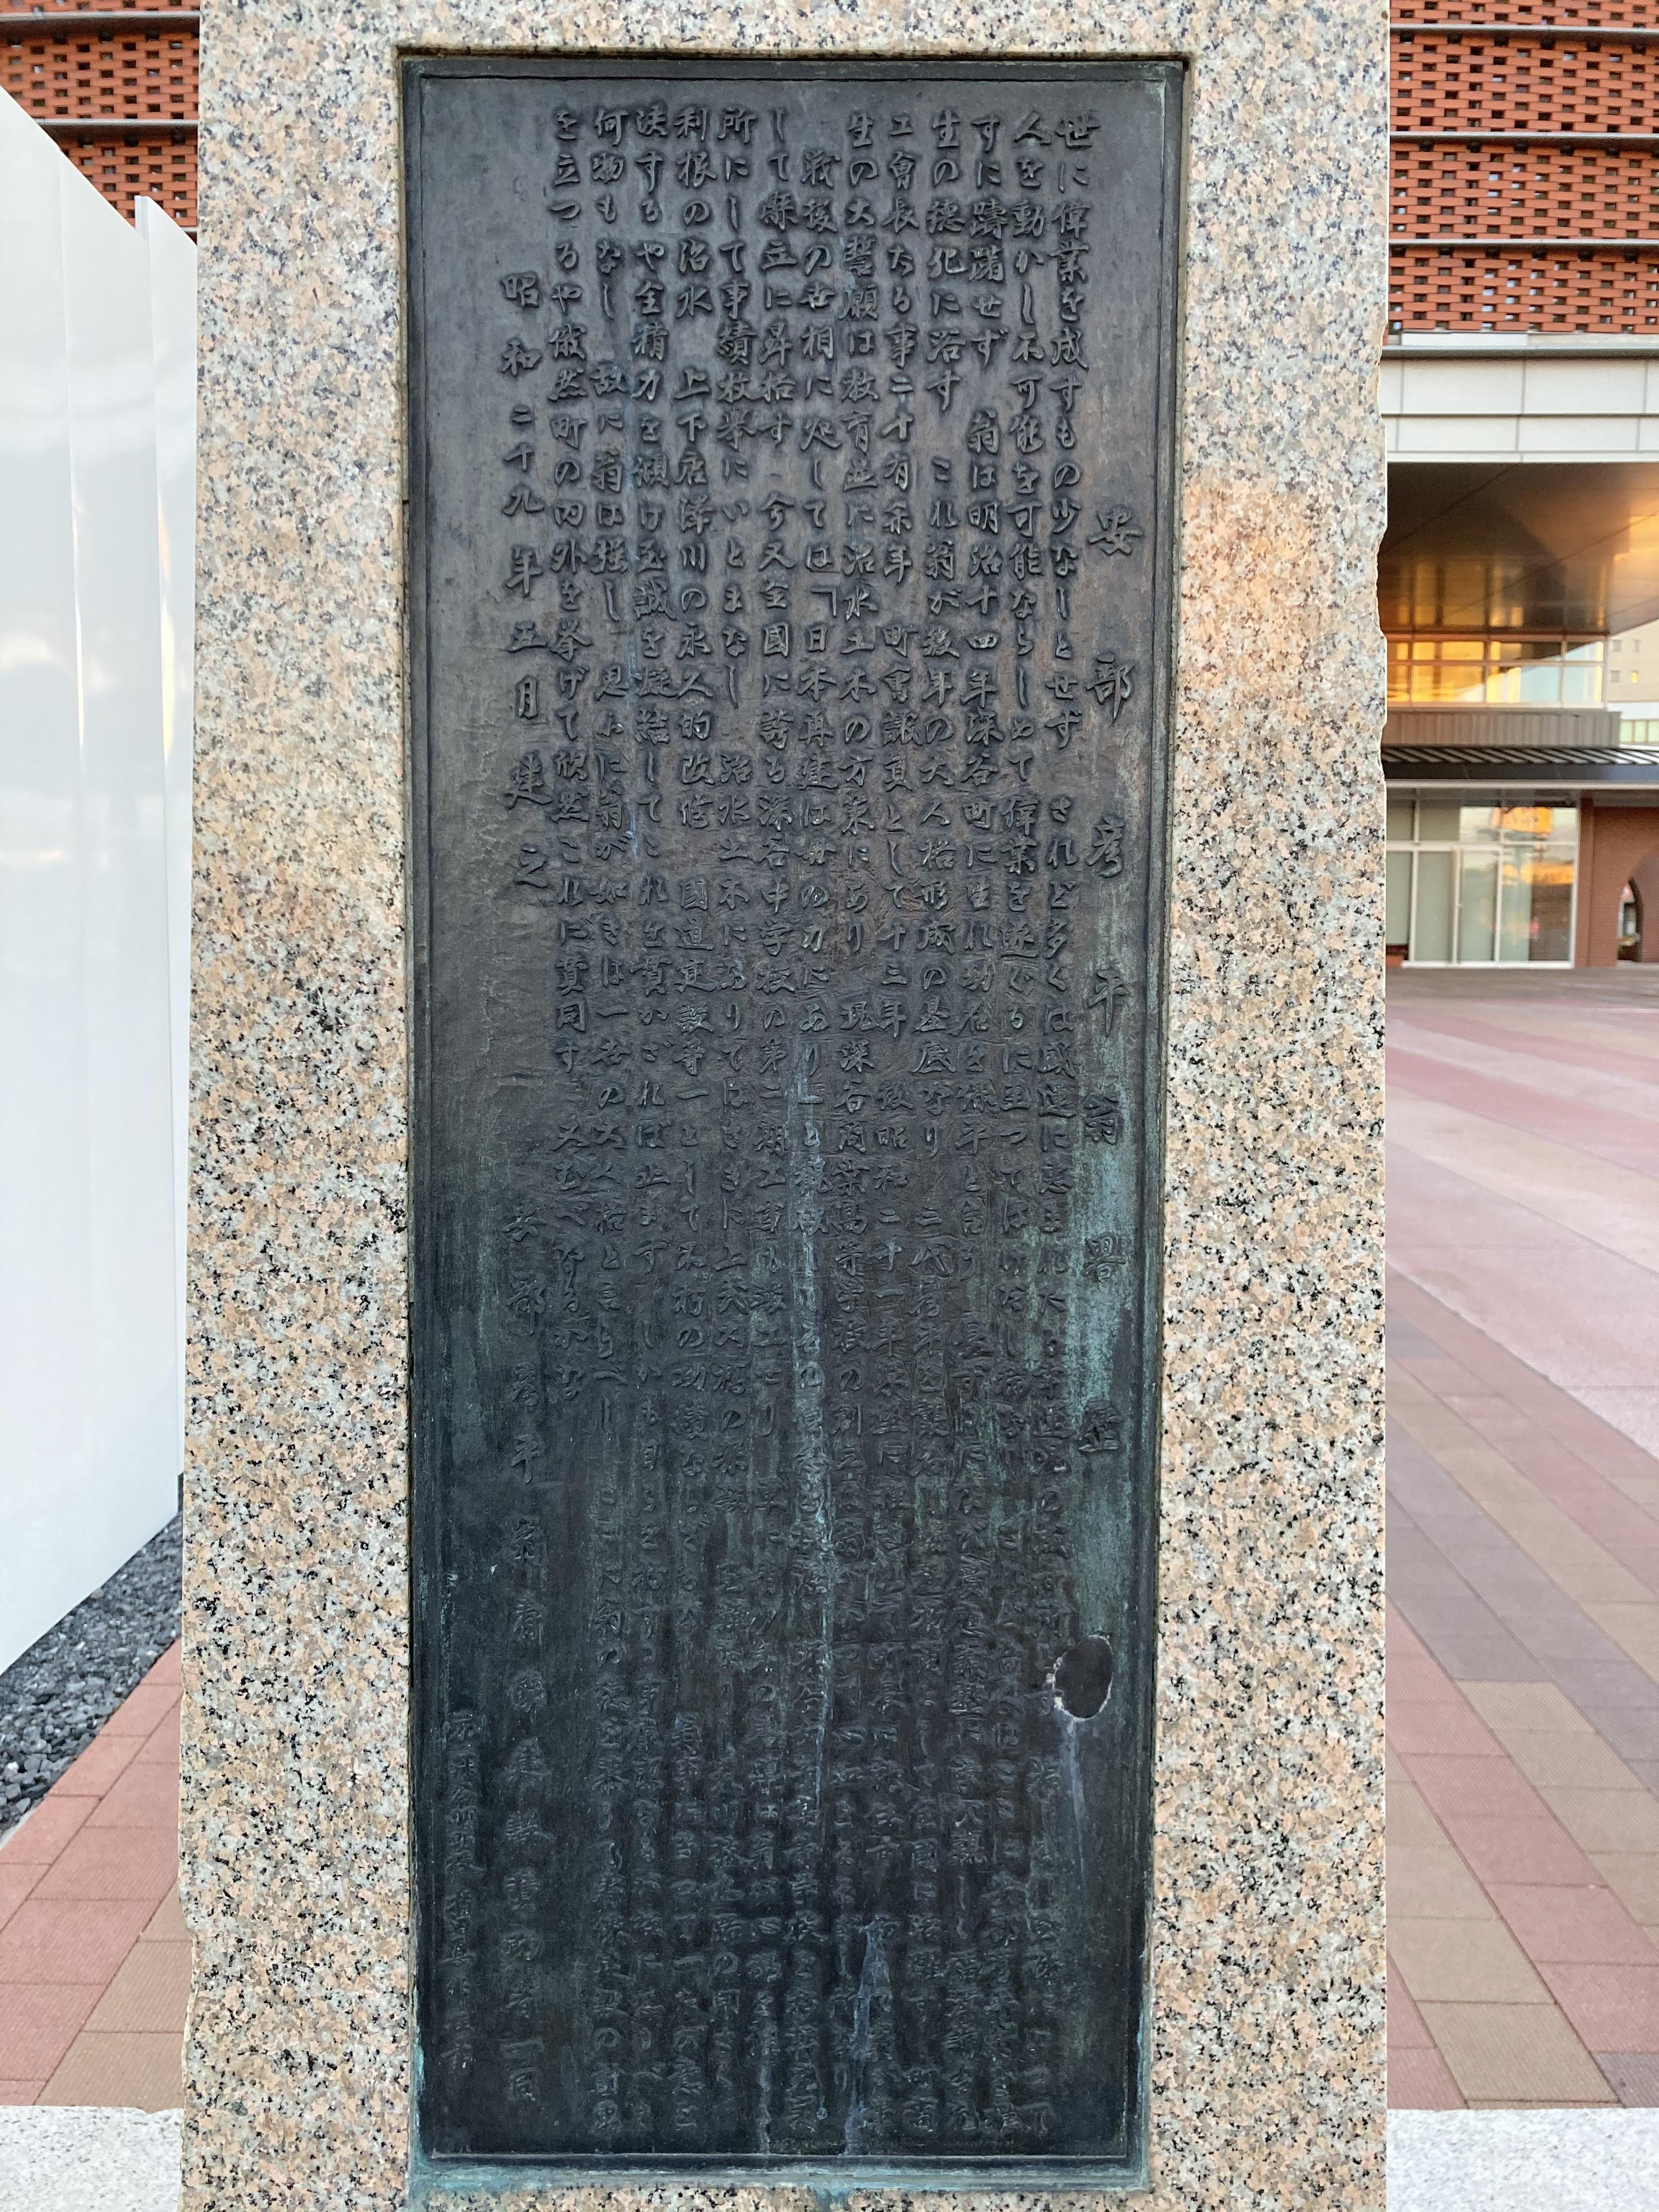 初代深谷市長 安部彦平翁銅像 碑文